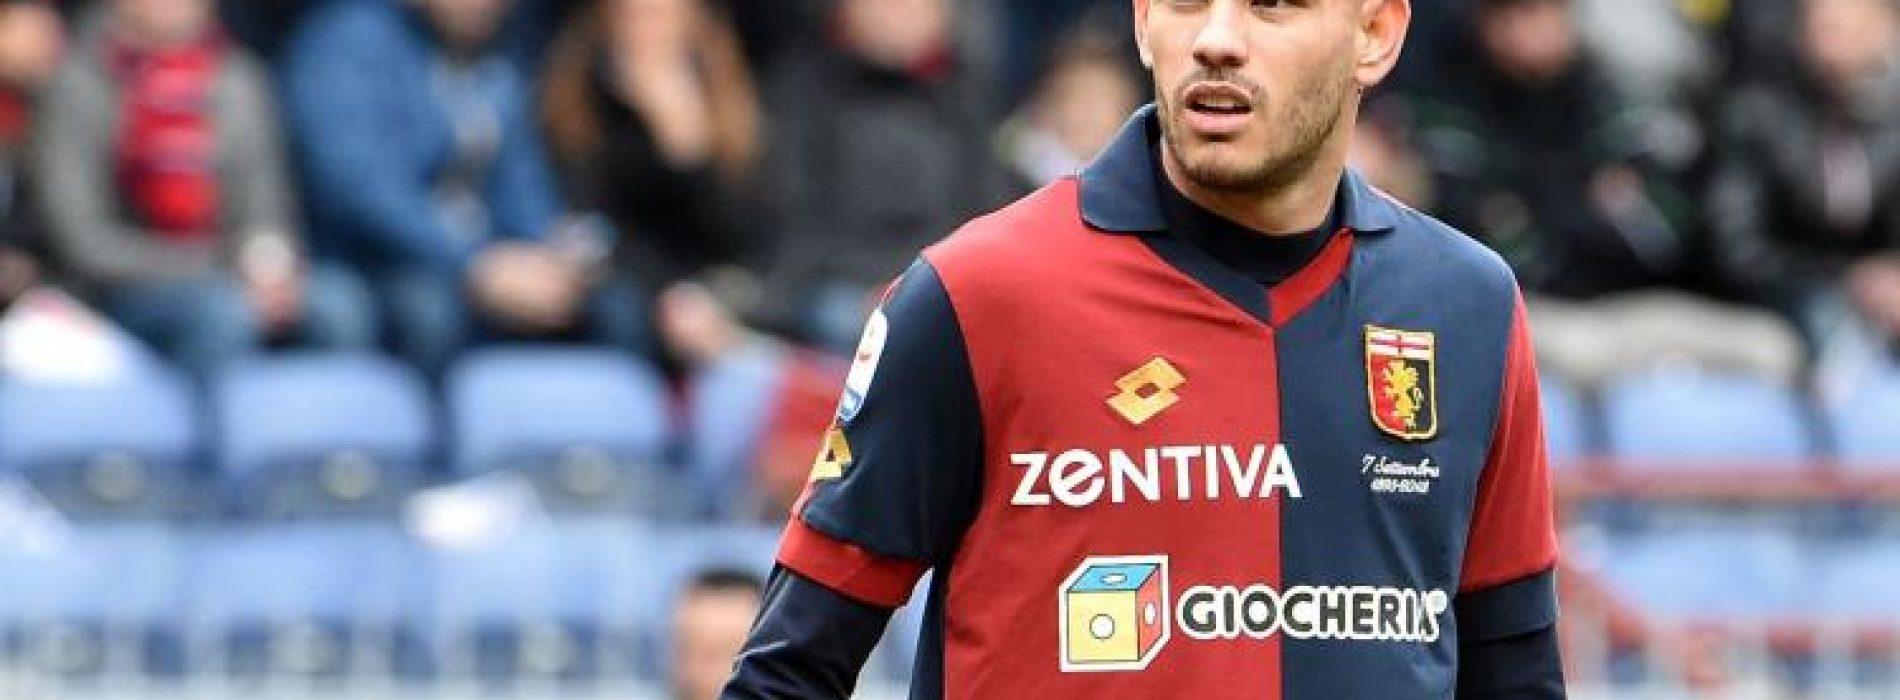 Sampdoria Genoa, si giocherà di sabato alle 18